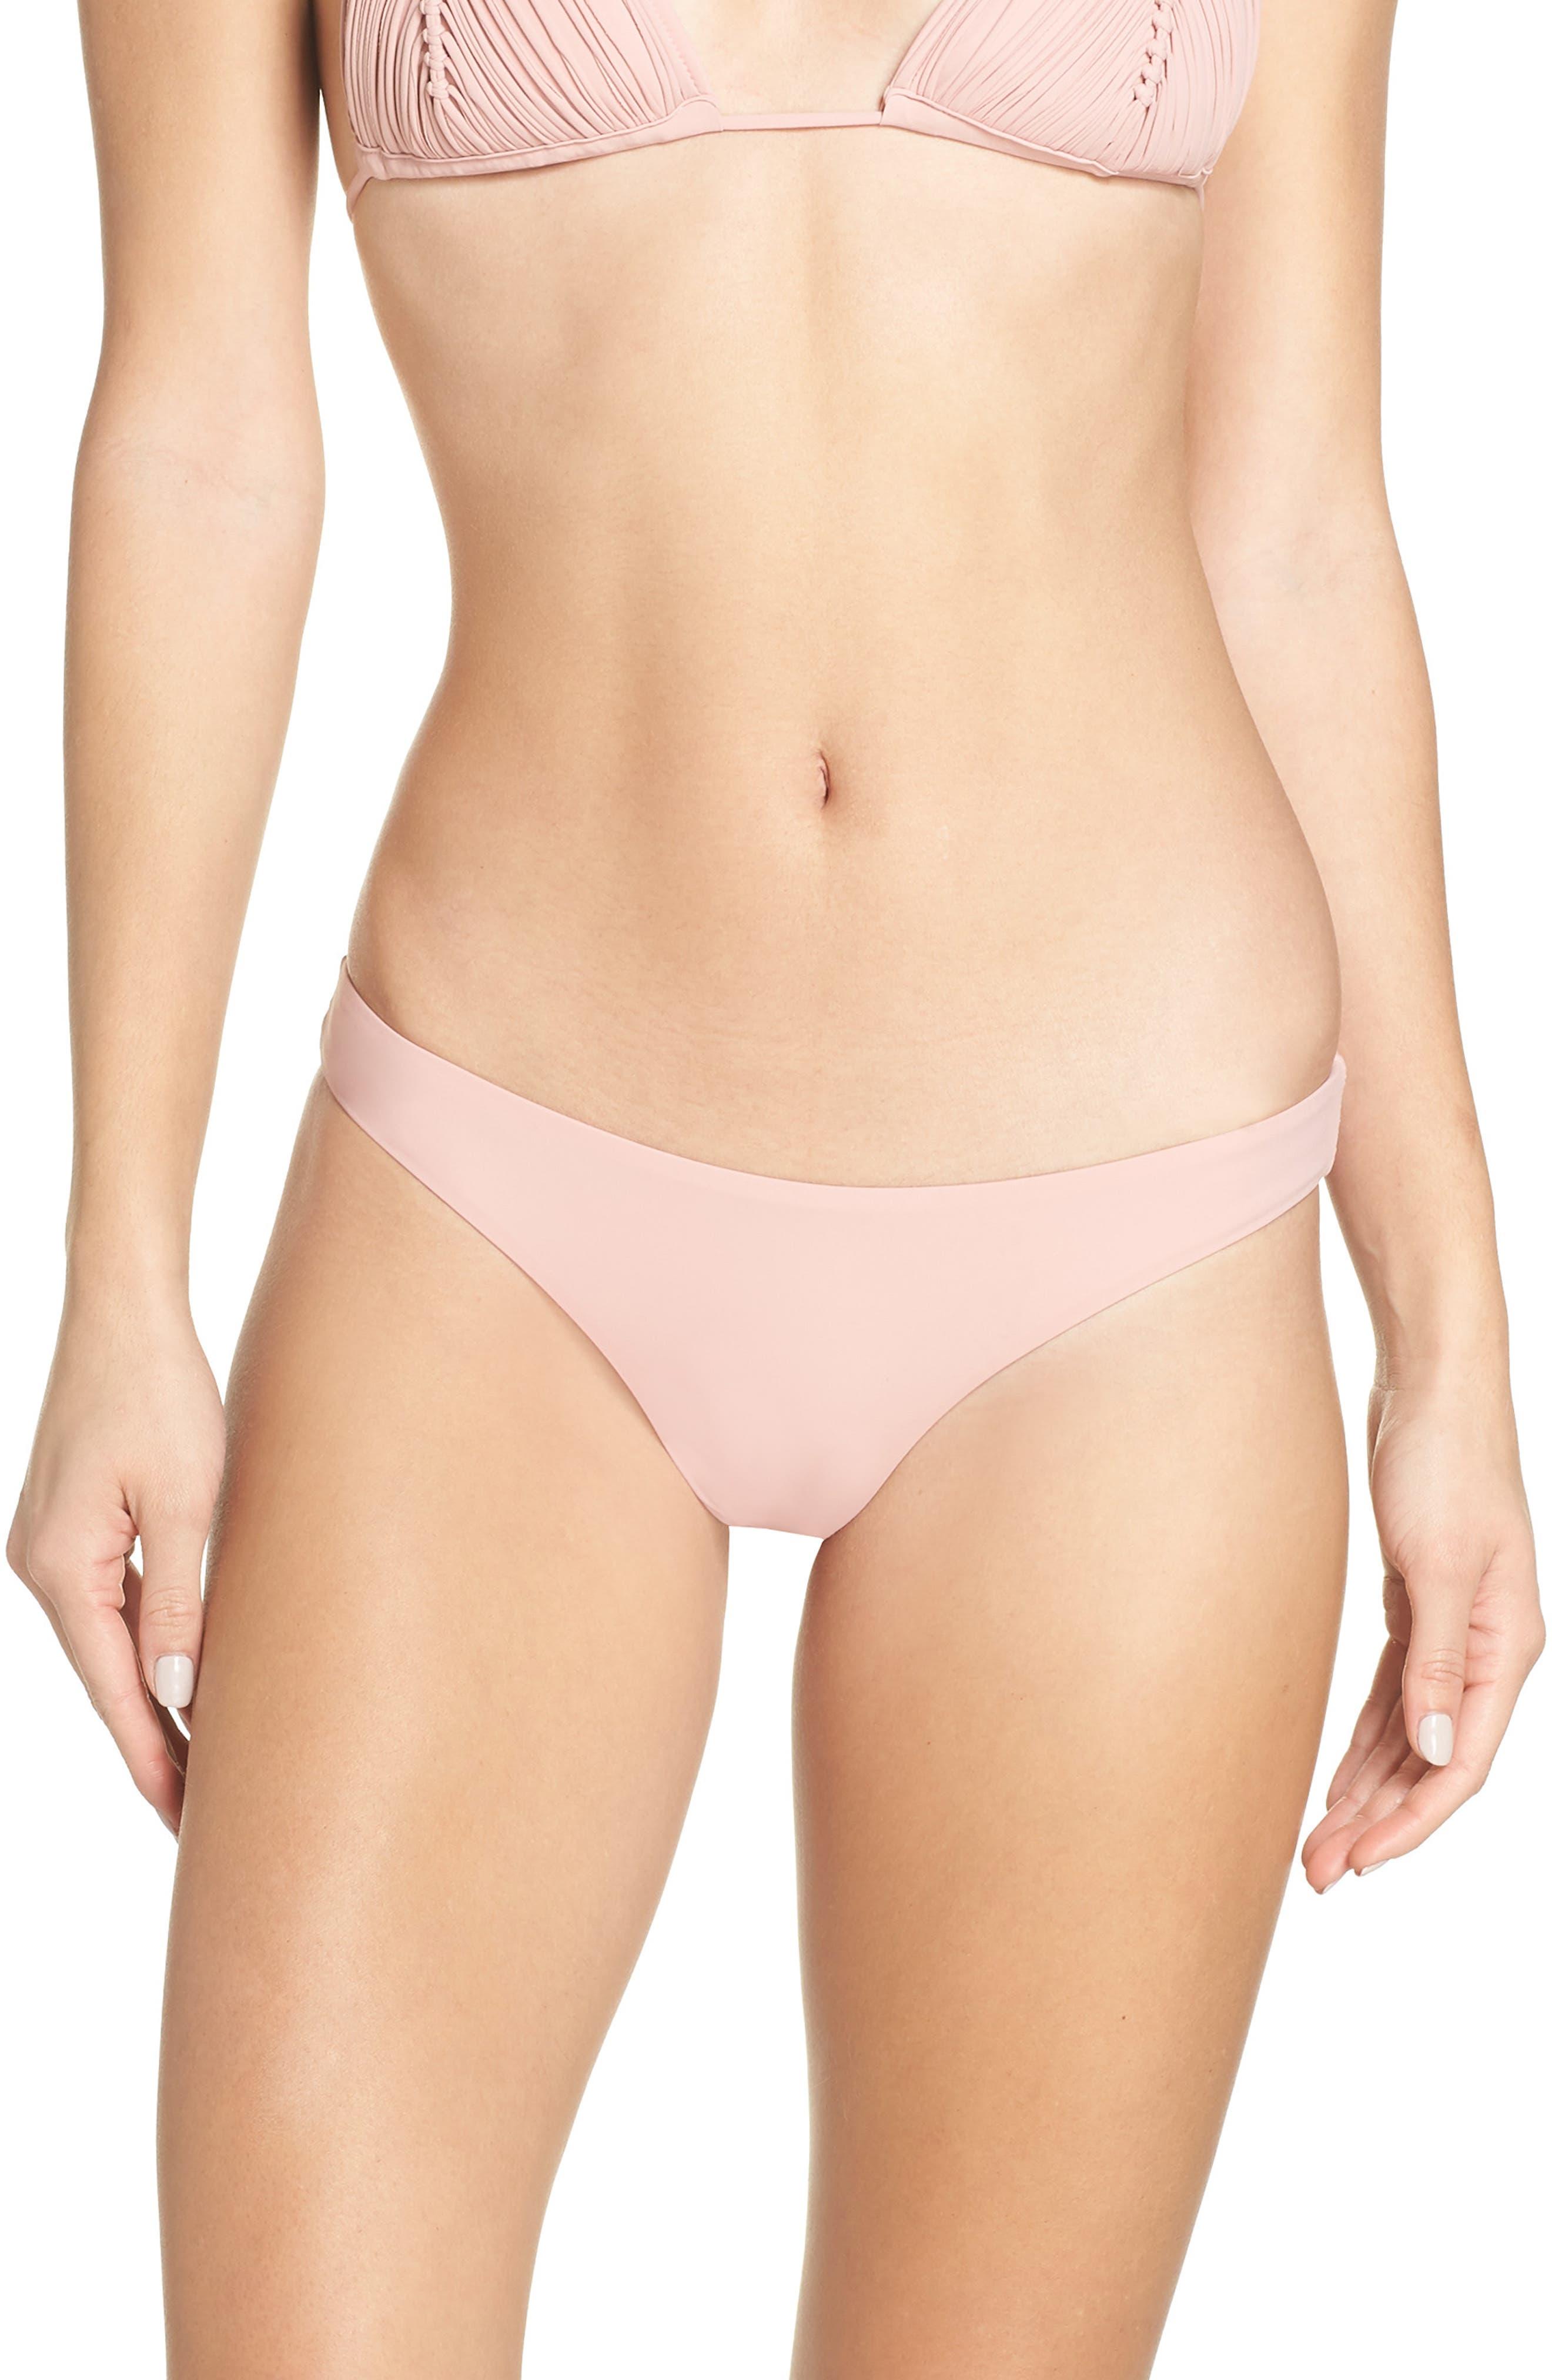 Pilyq Ruched Bikini Bottoms, Pink